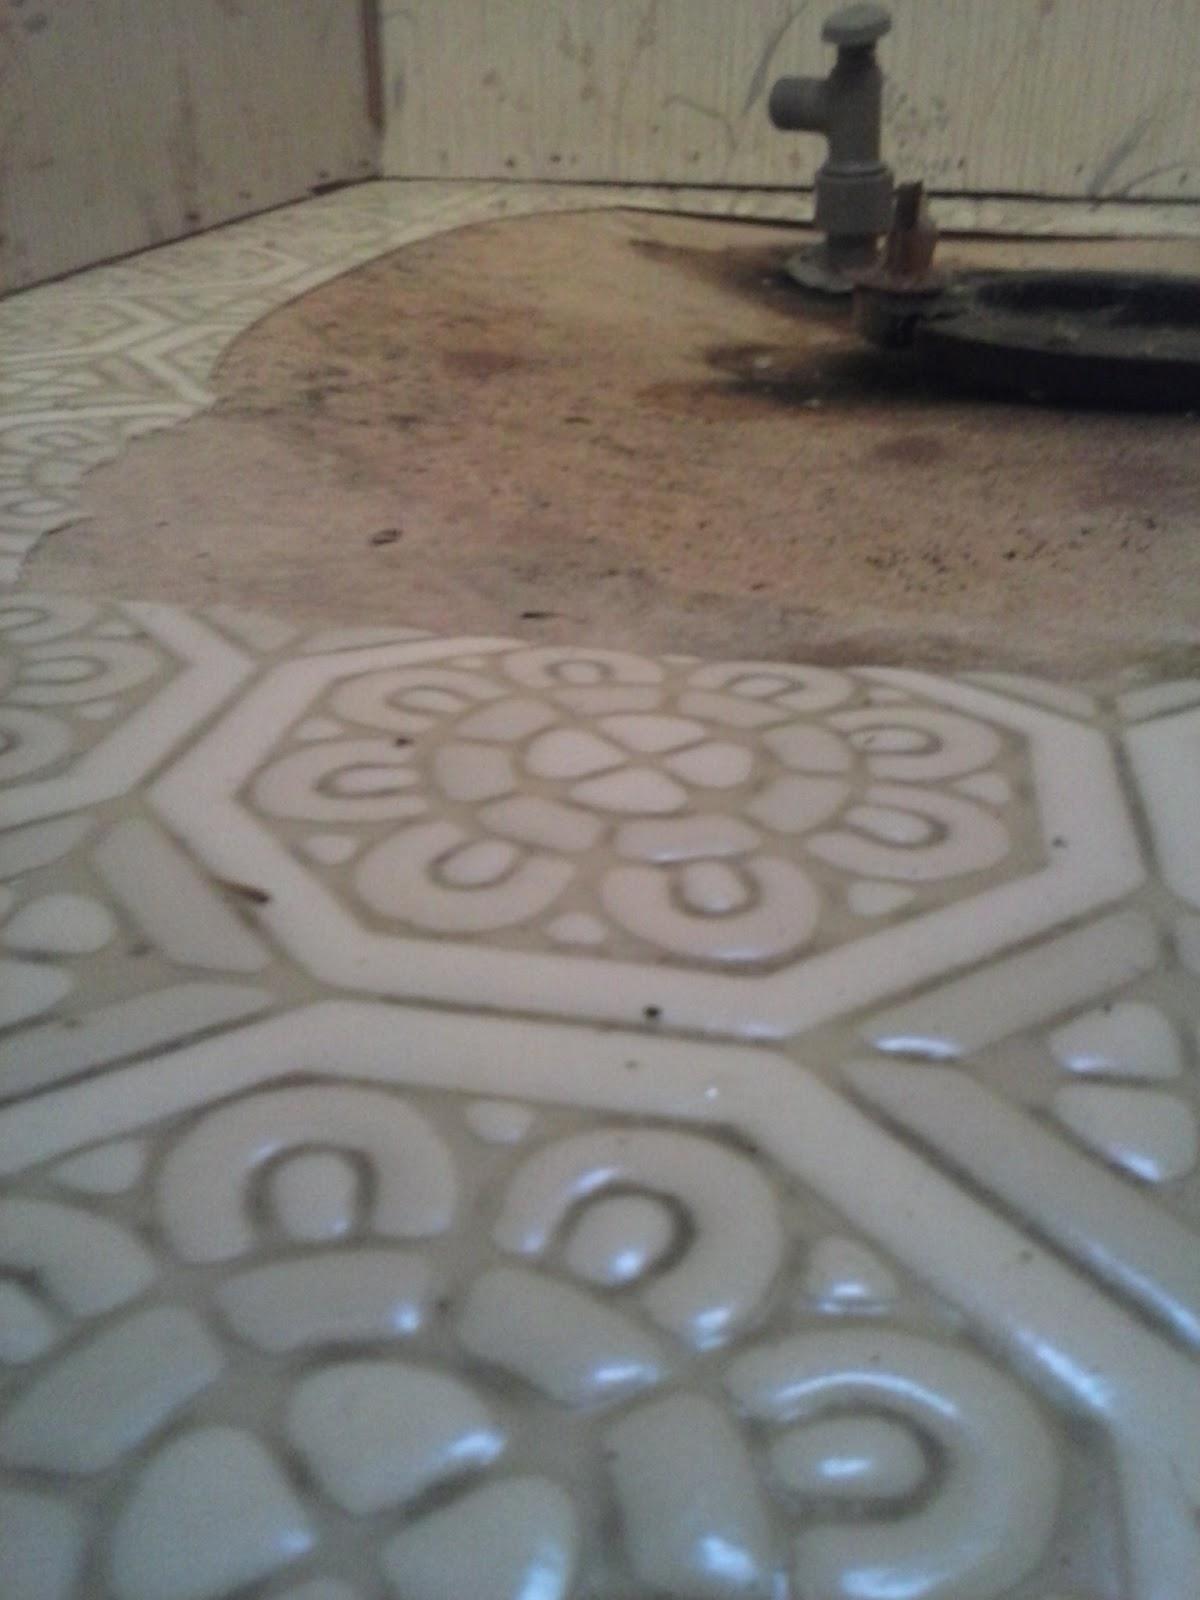 Sagging Floor Under a Toilet Flange.